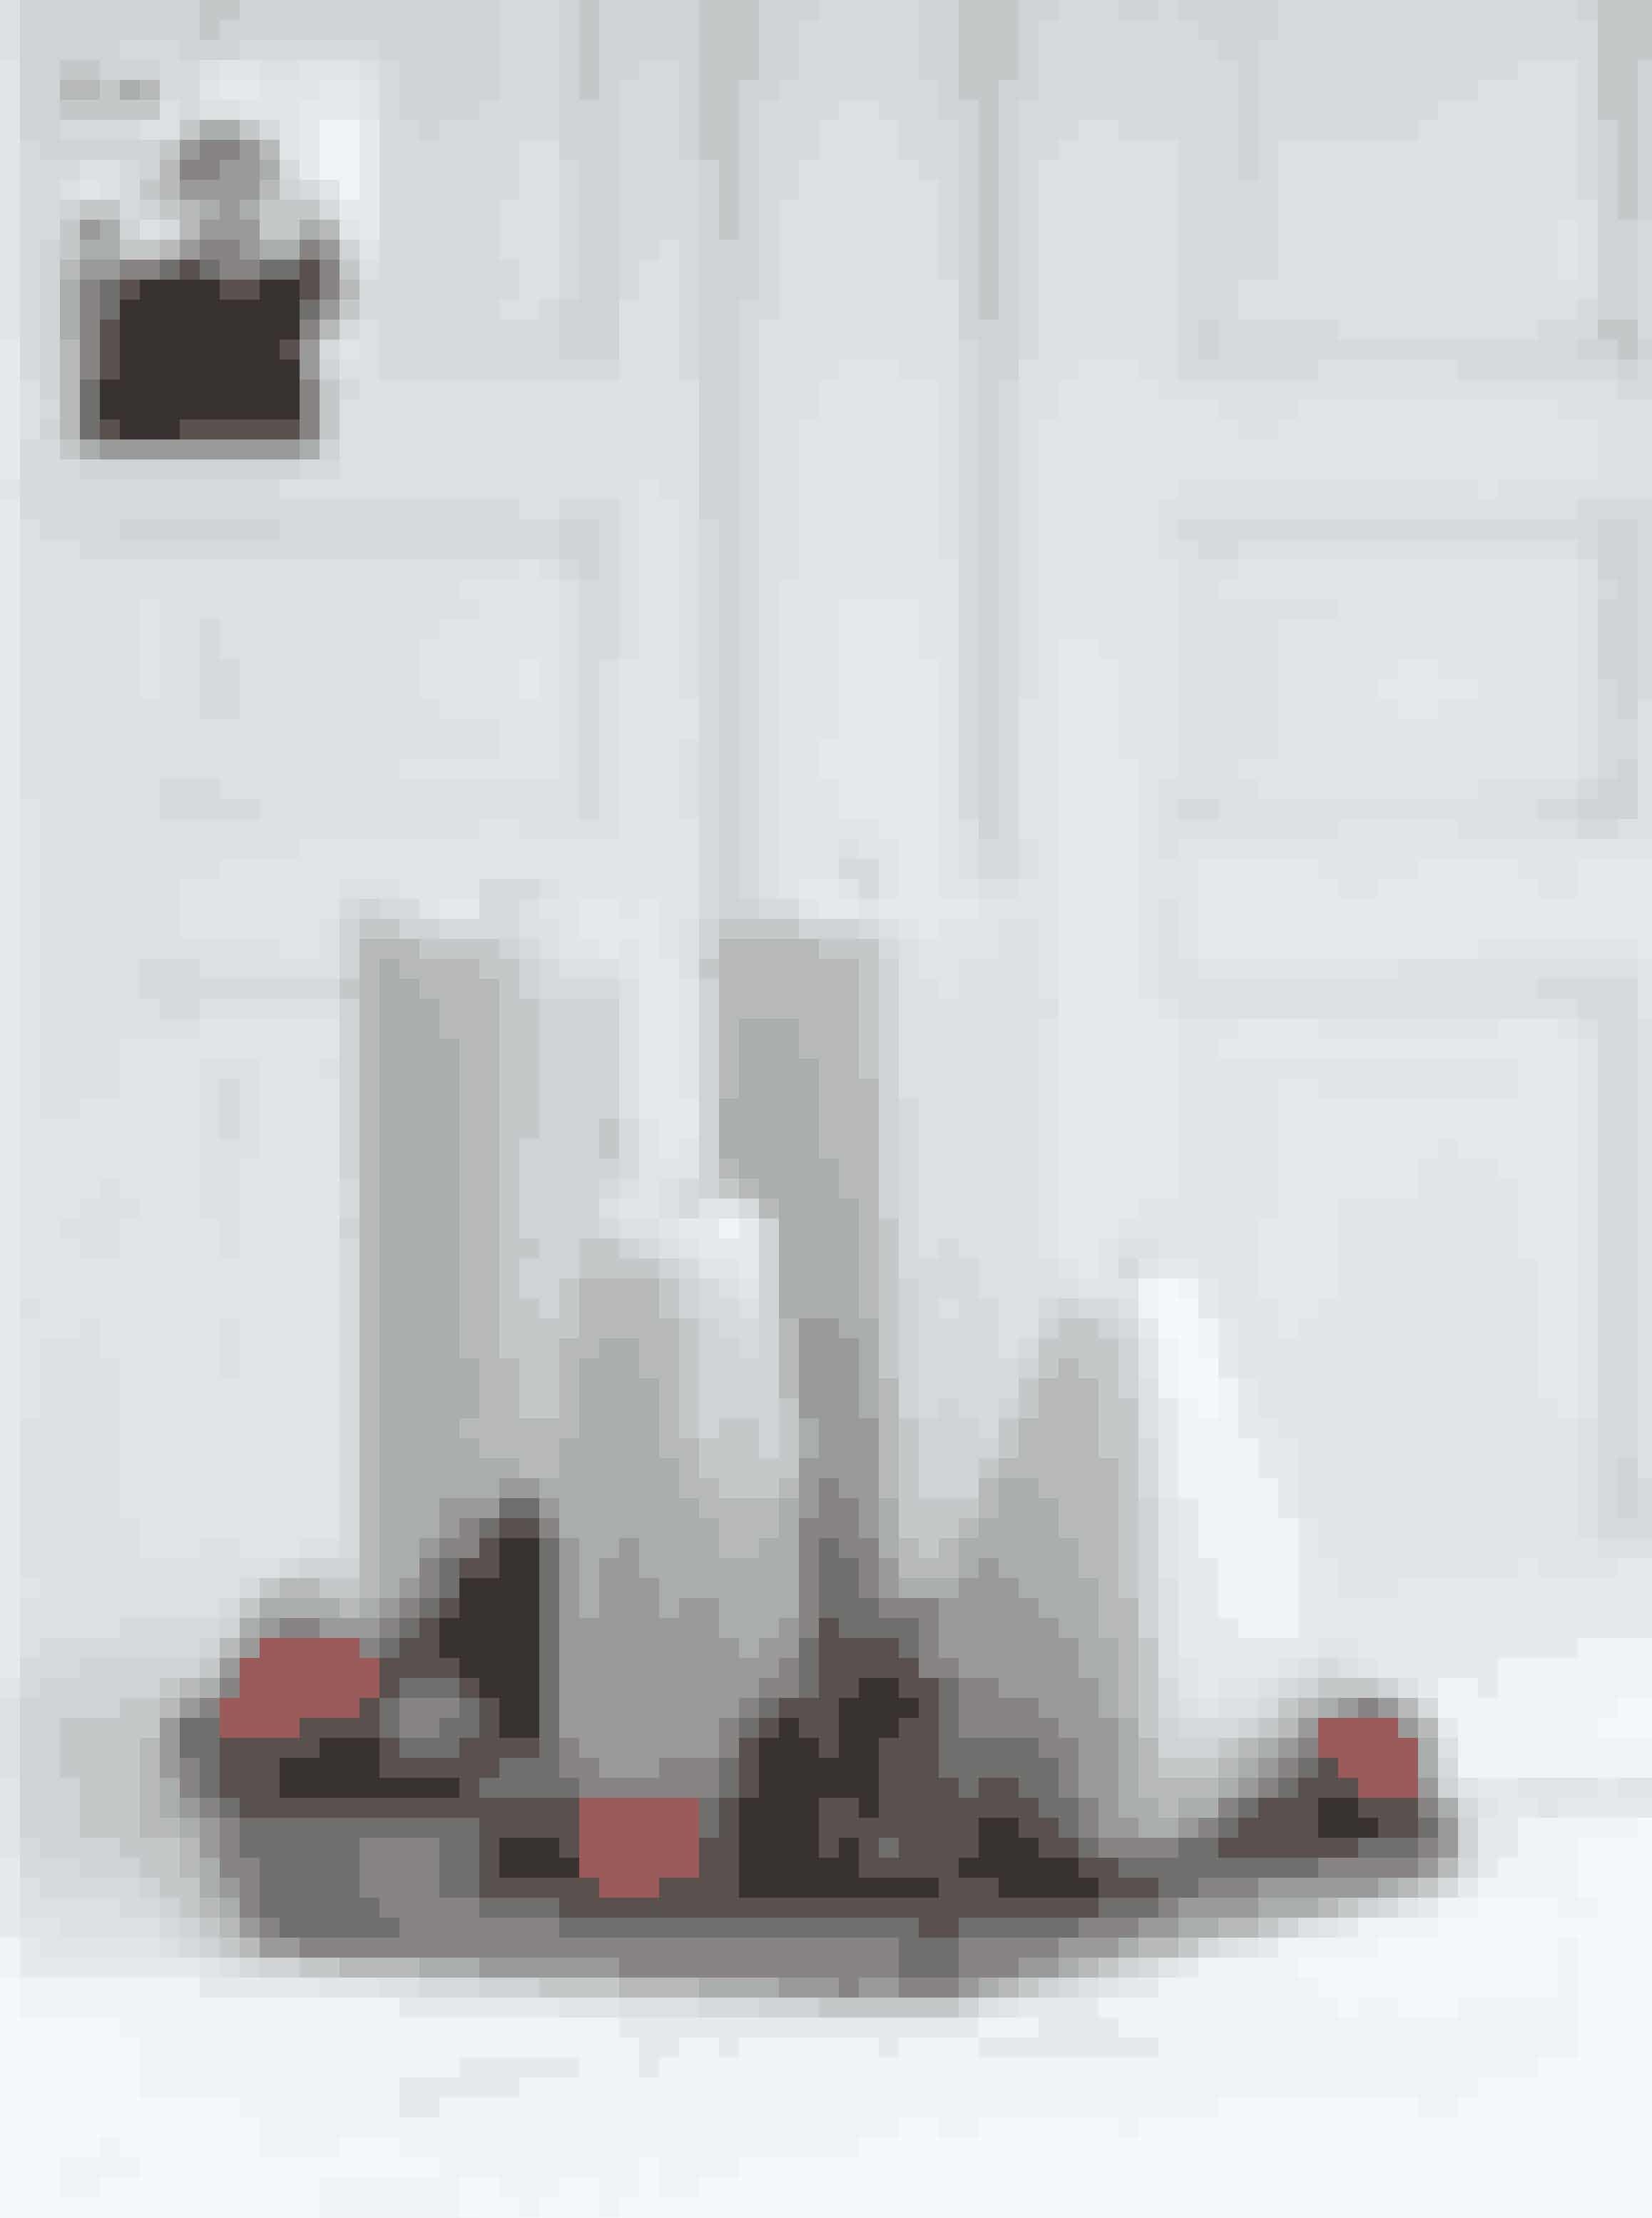 Af Sidsel Zachariassen, interiørstylist, indretningsarkitekt og indehaver af butikken Seasons by Sidsel Z. Se mere på @seasonsbysidselz  Grafiske former En lynhurtig og enkel grafisk adventsdekoration til dig, der ikke er til store bundne grønne kranse. Gør dig umage med at finde nogle dekorative lys i forskellige størrelser, da de er en stor del af udtrykket.